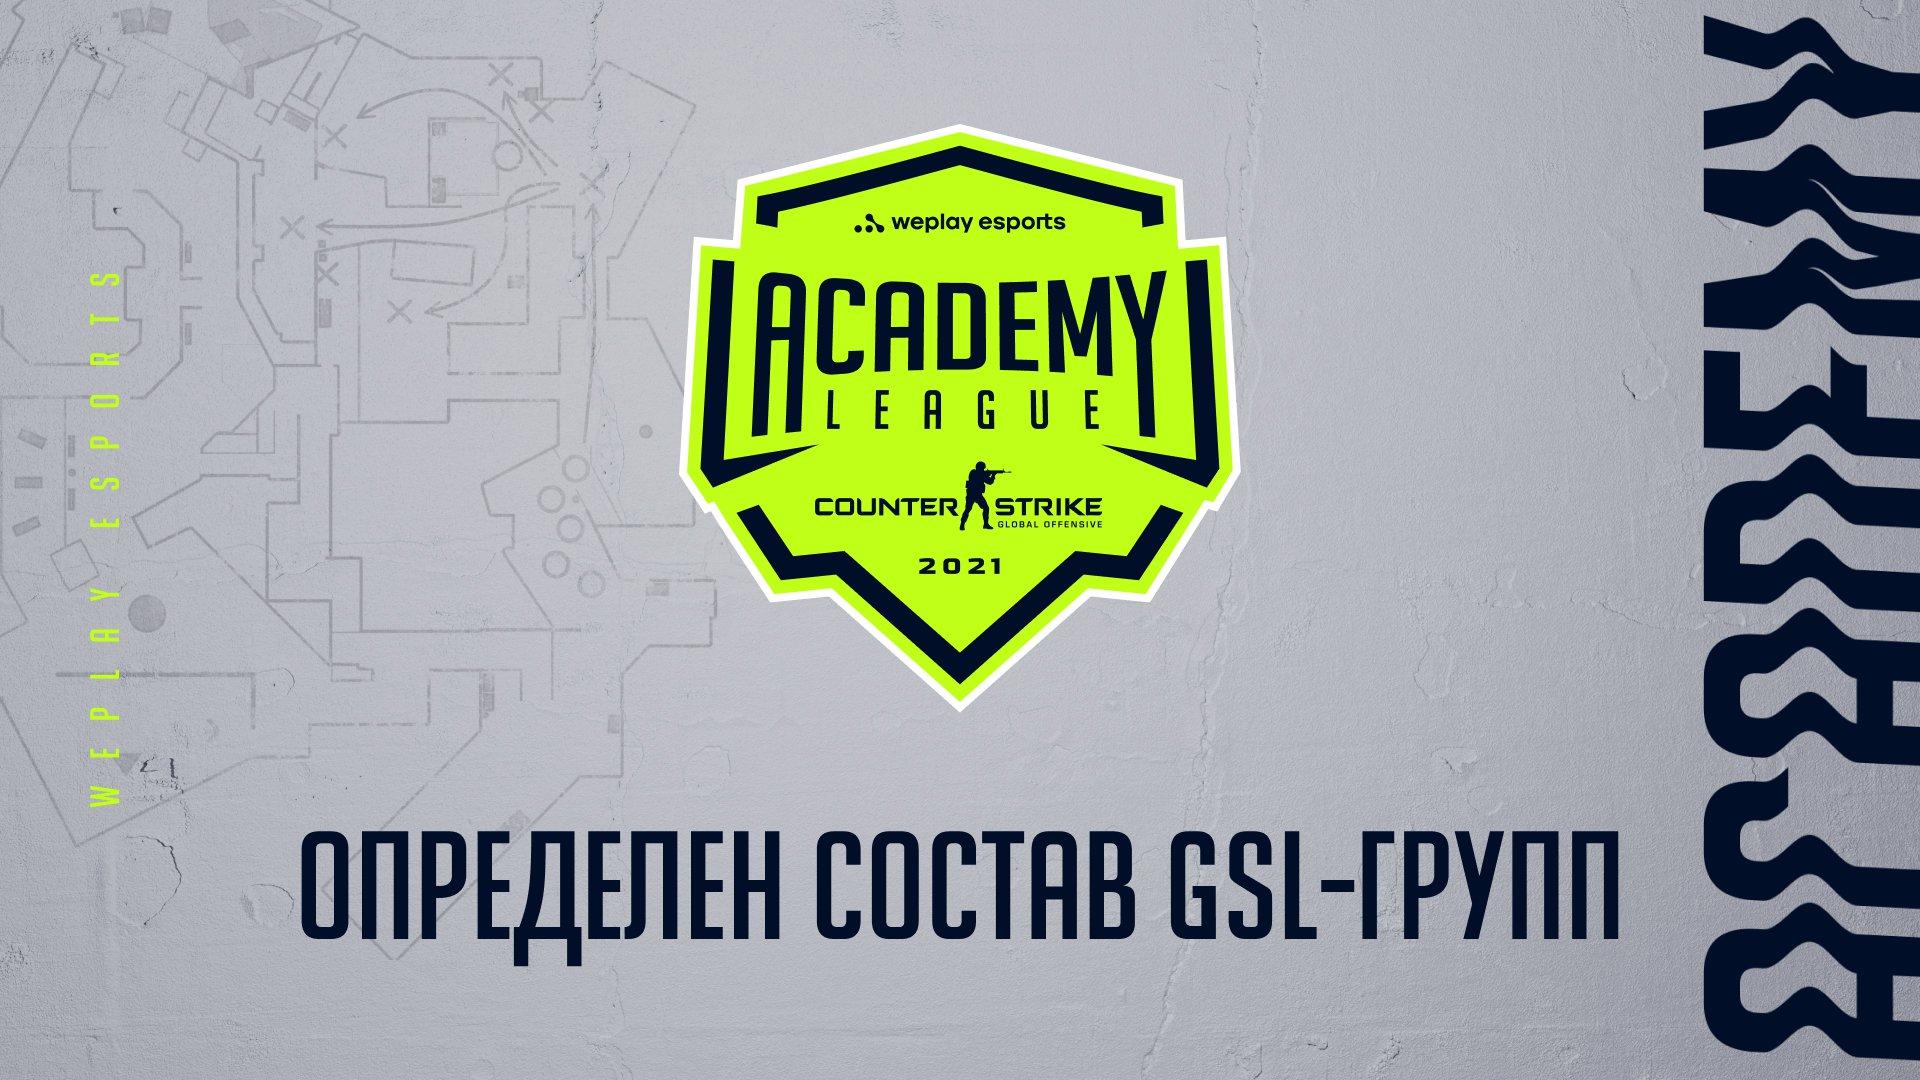 Определен состав GSL-групп второго сезона WePlay Academy League. Изображение: WePlay Holding